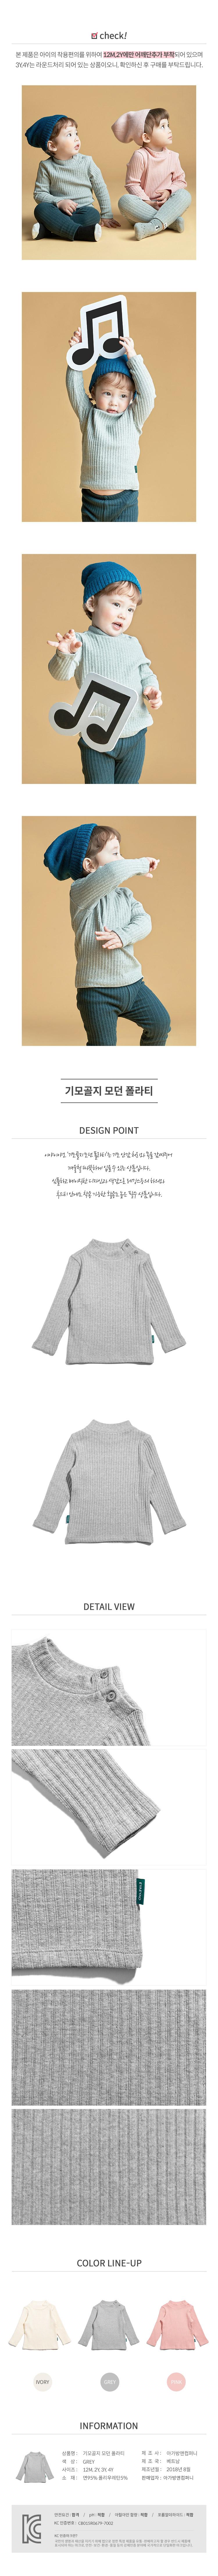 이야이야오 상품정보